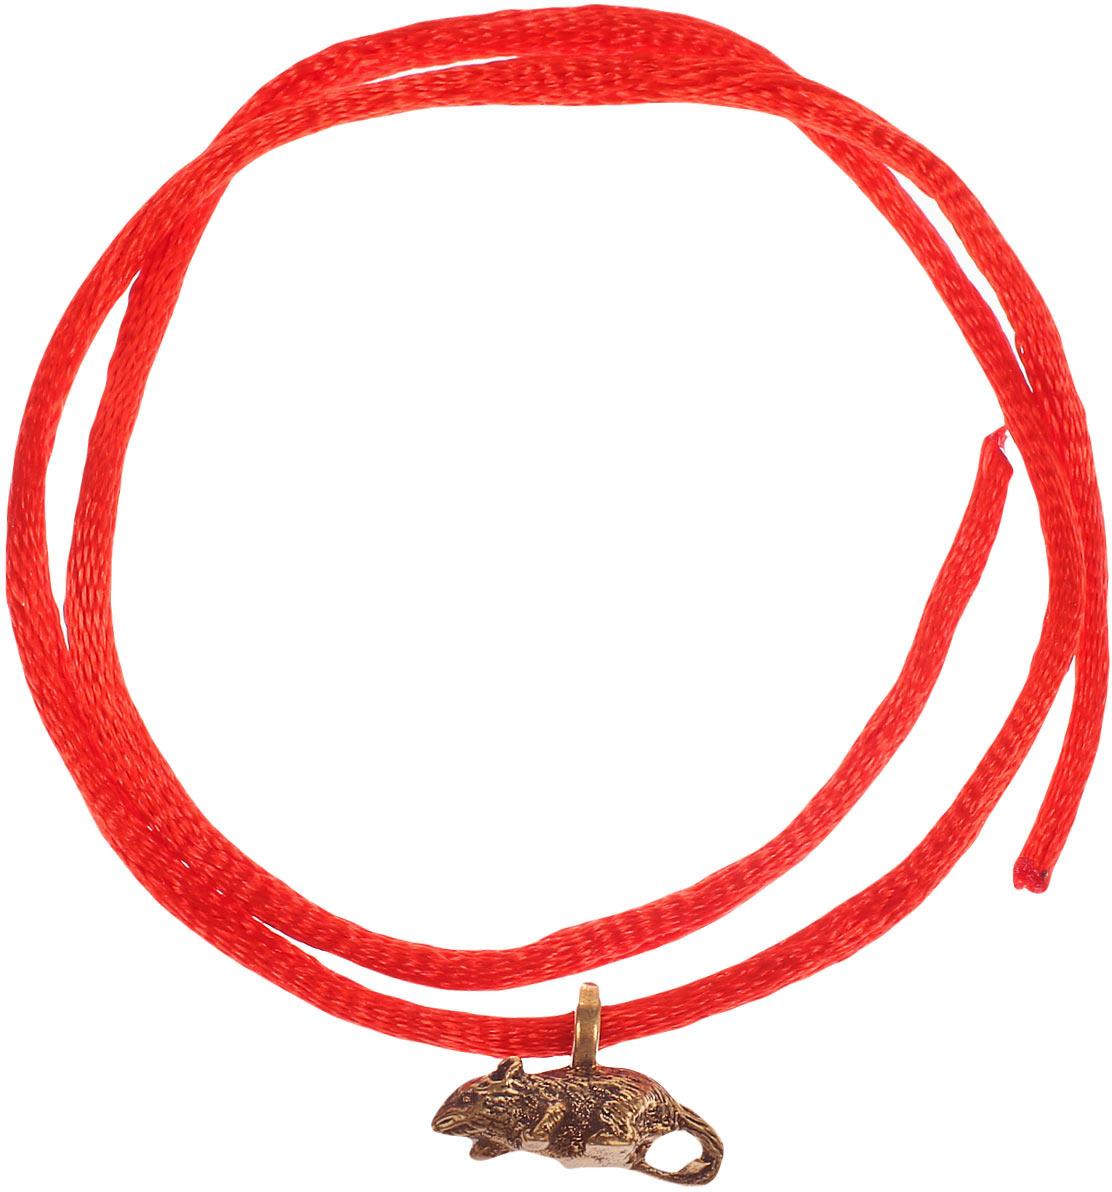 Оберег красная нить Miland Мышка, Т-6434, золотой сувенир мкт оберег для кошелька кошельковая мышка с грошем